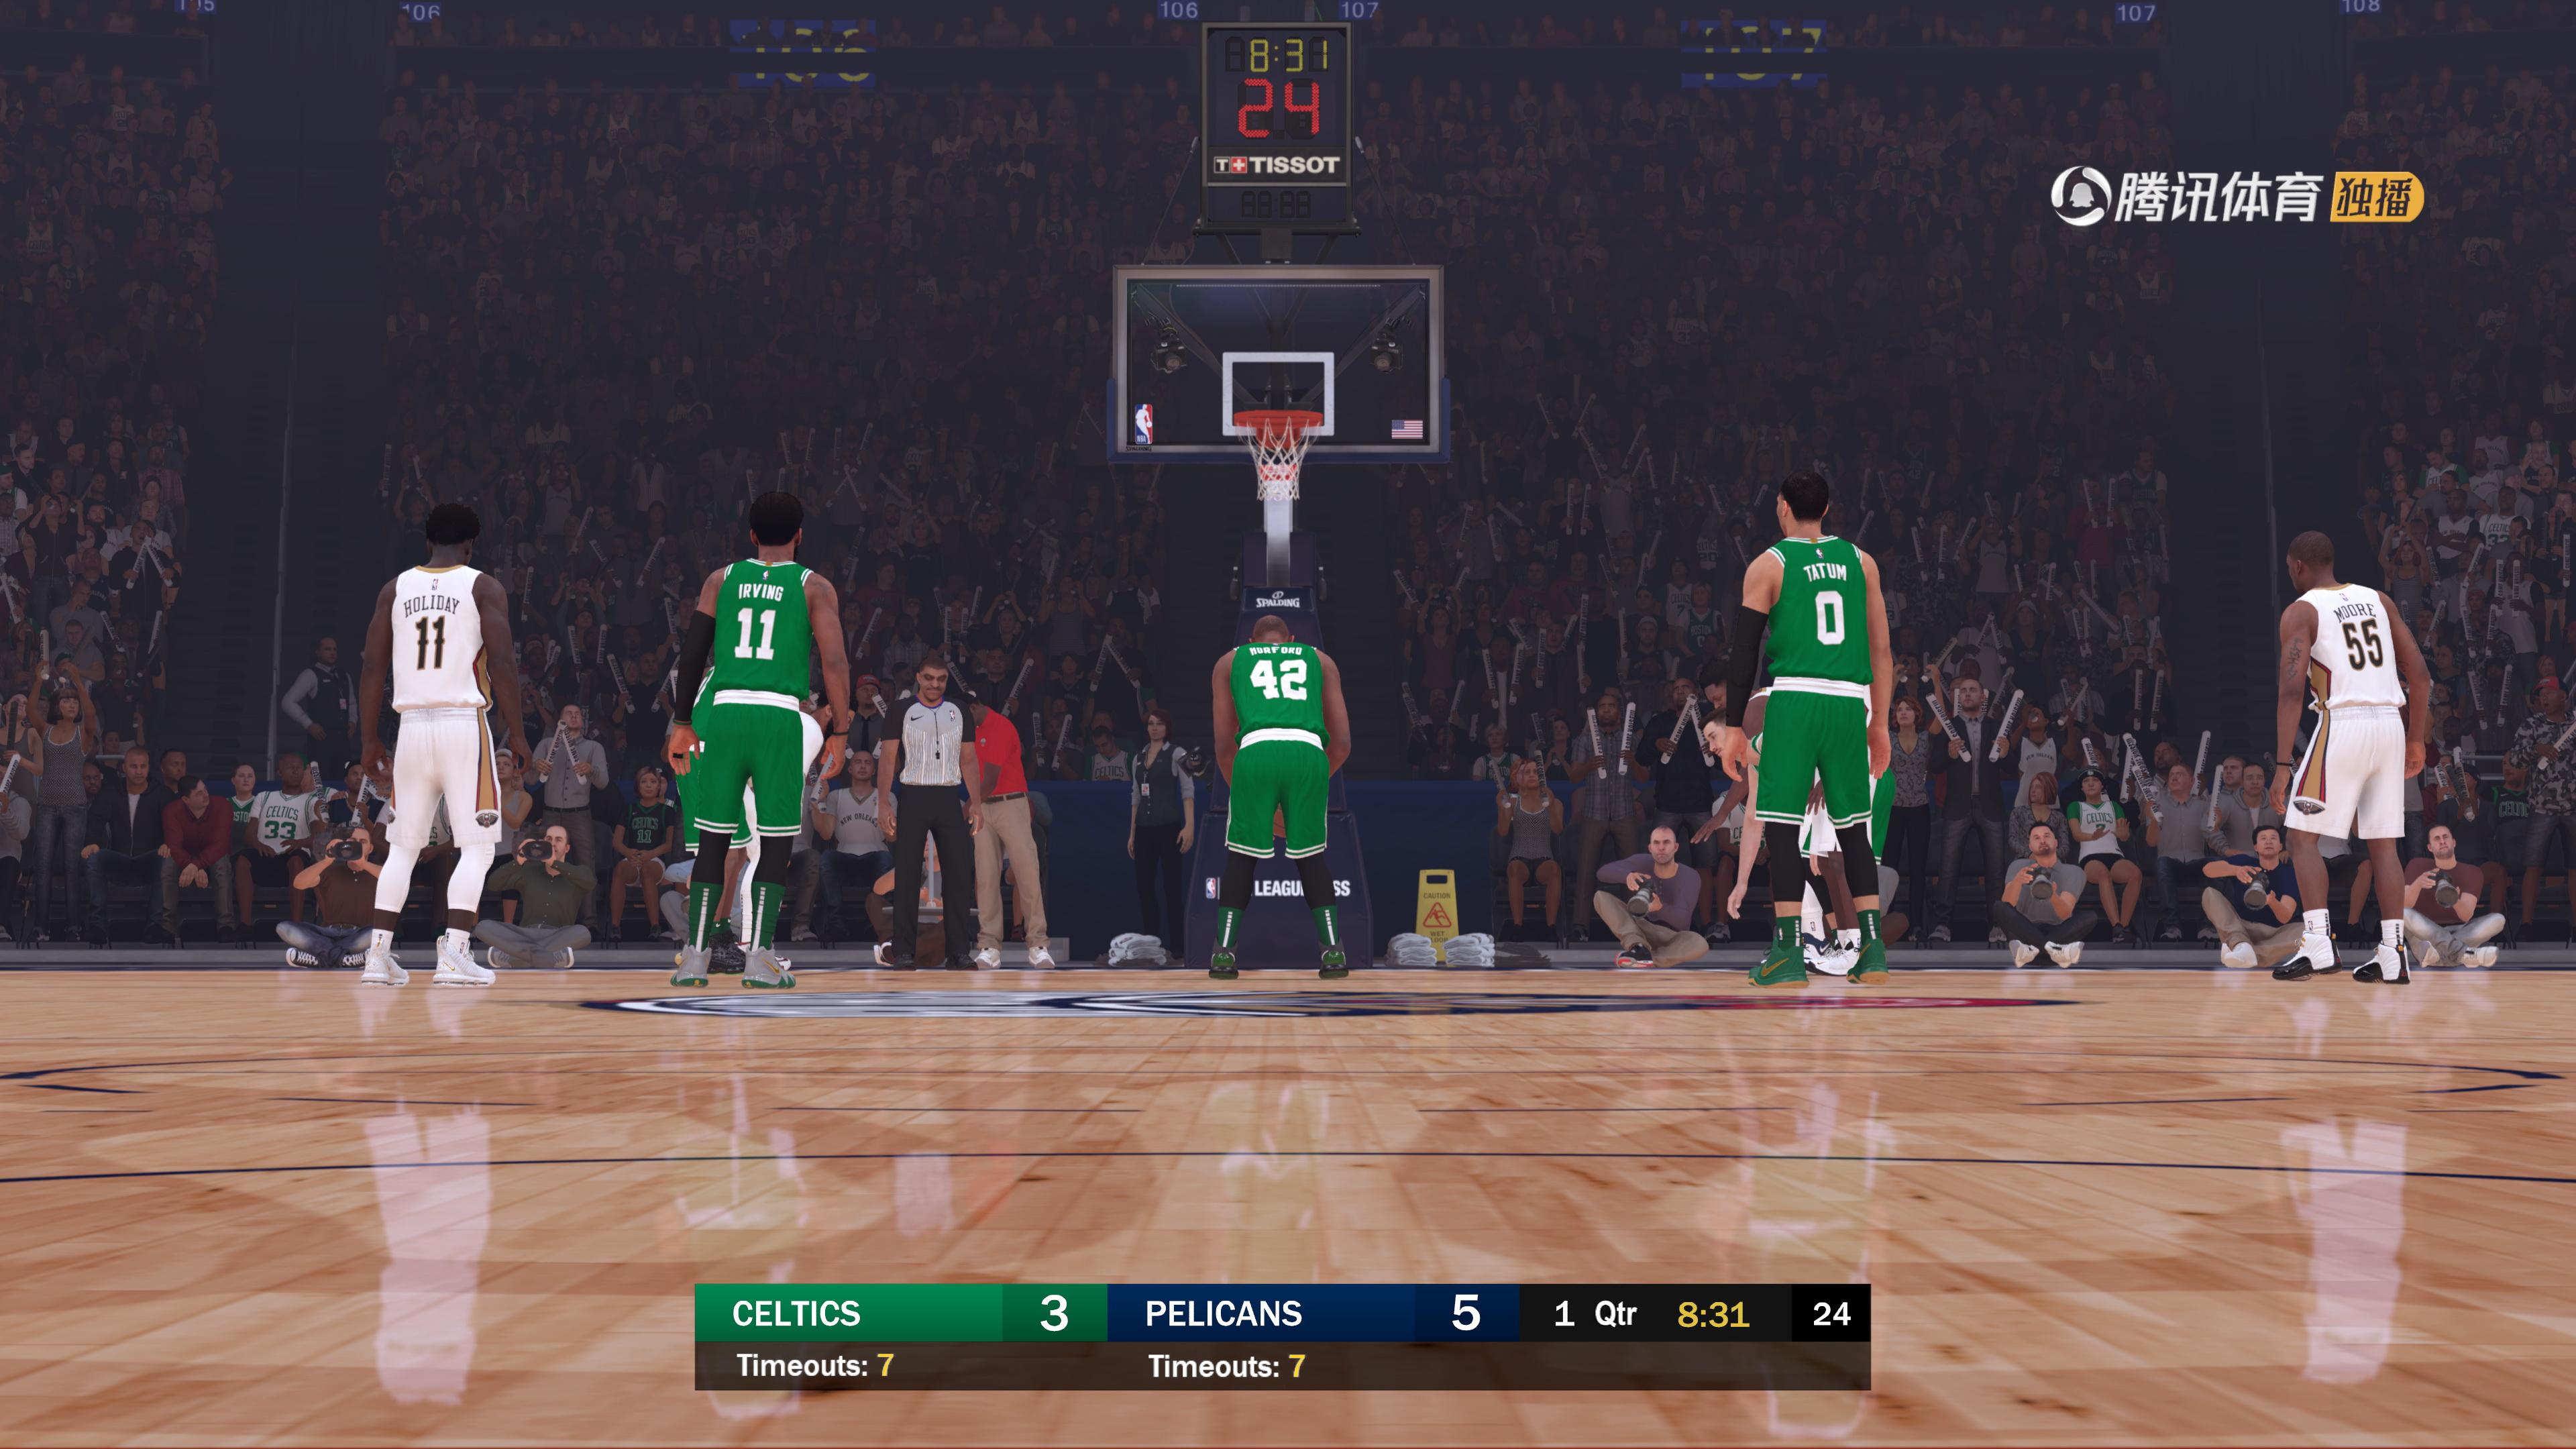 NBA2K19 2018-10-08 09-54-39.jpg